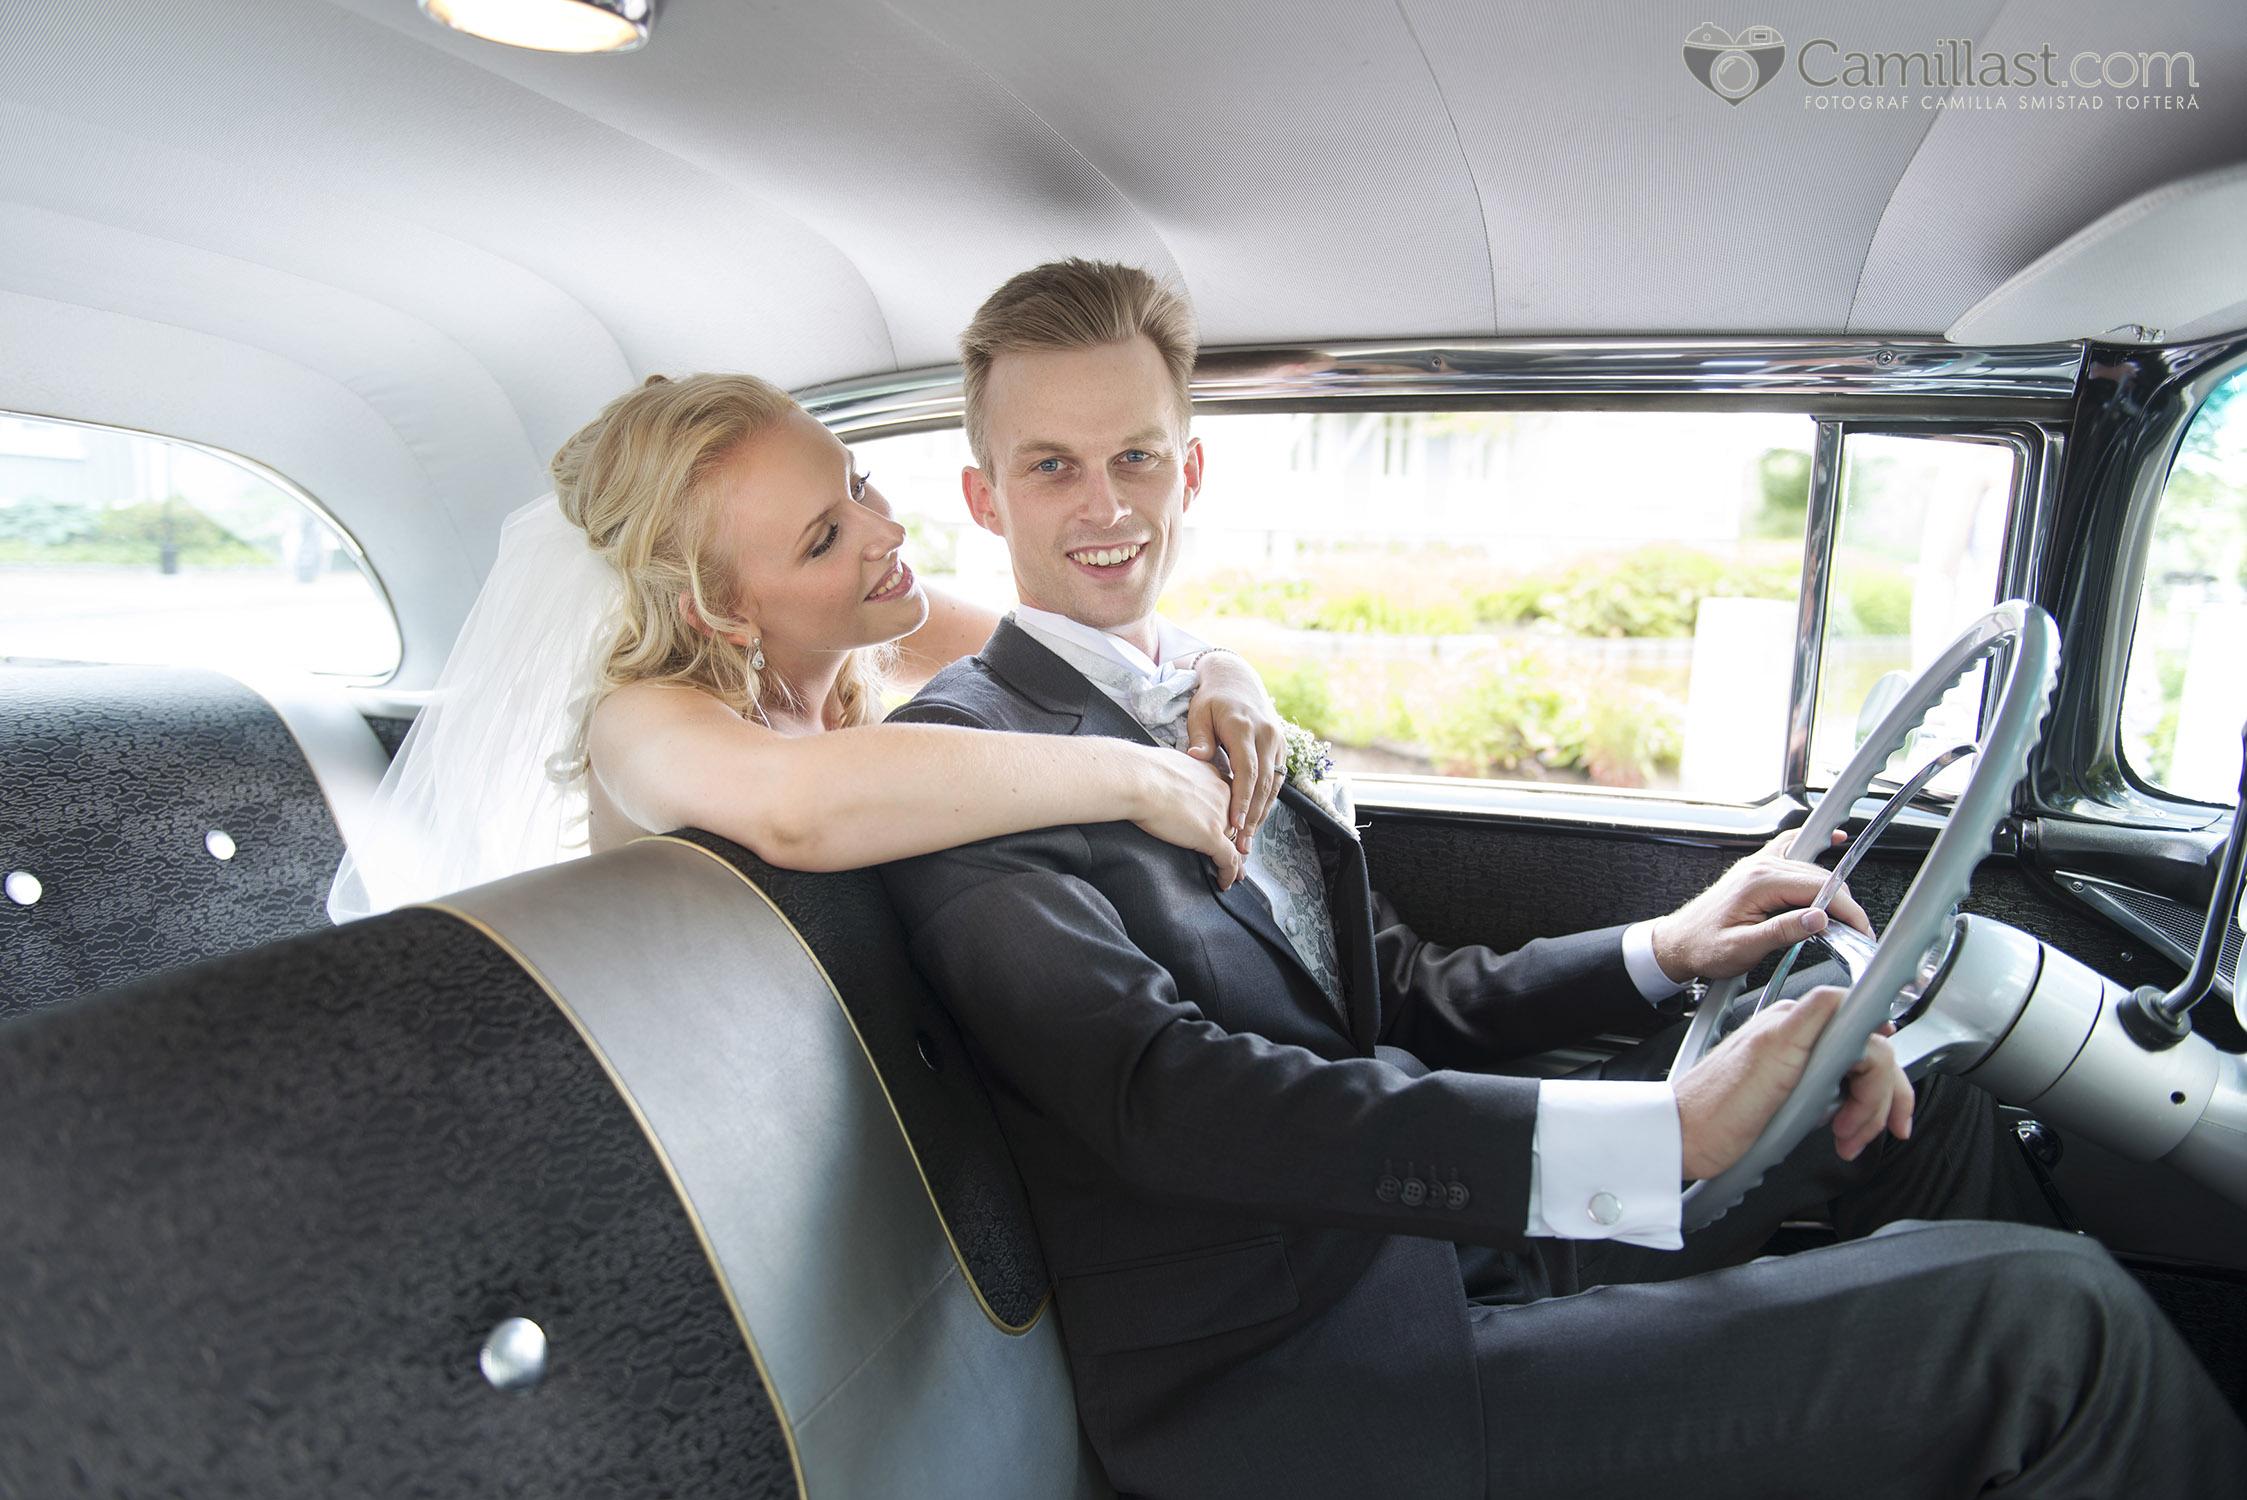 Bryllup Camilla Henrik 20150704Fotograf CamillaST187 copy.jpg